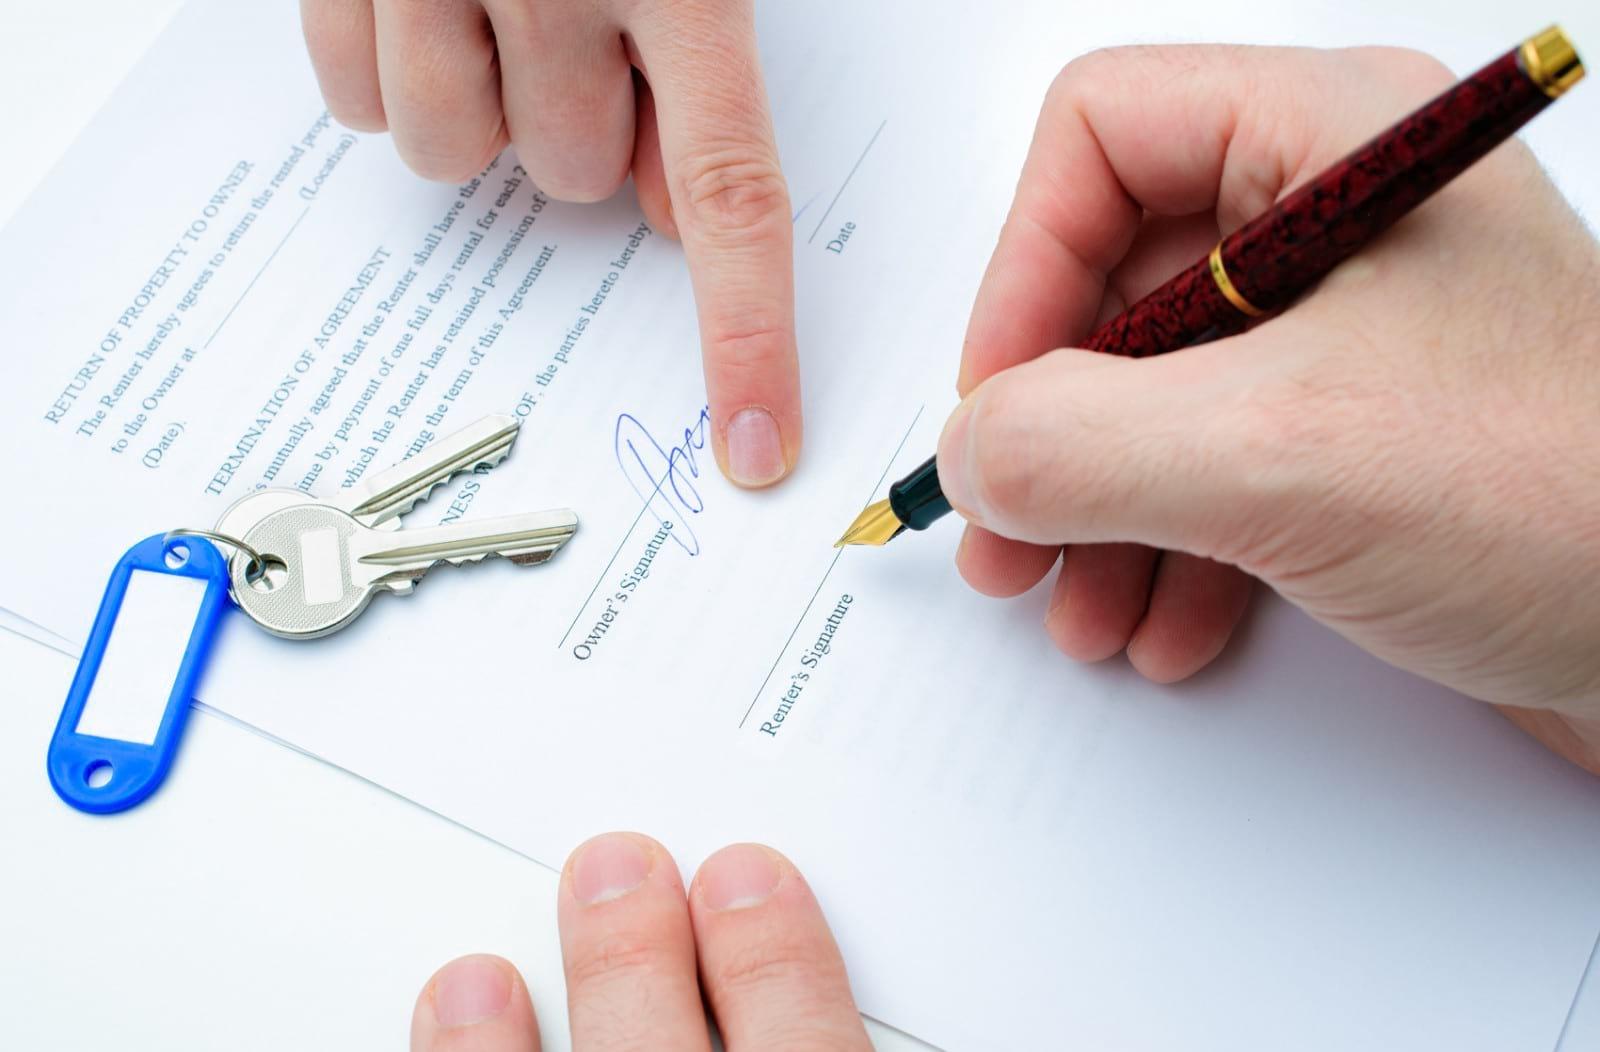 Изображение - Продажа, покупка квартиры по доверенности оформление сделки и риски покупателя wsi-imageoptim-sf09h7sh098sfhsh